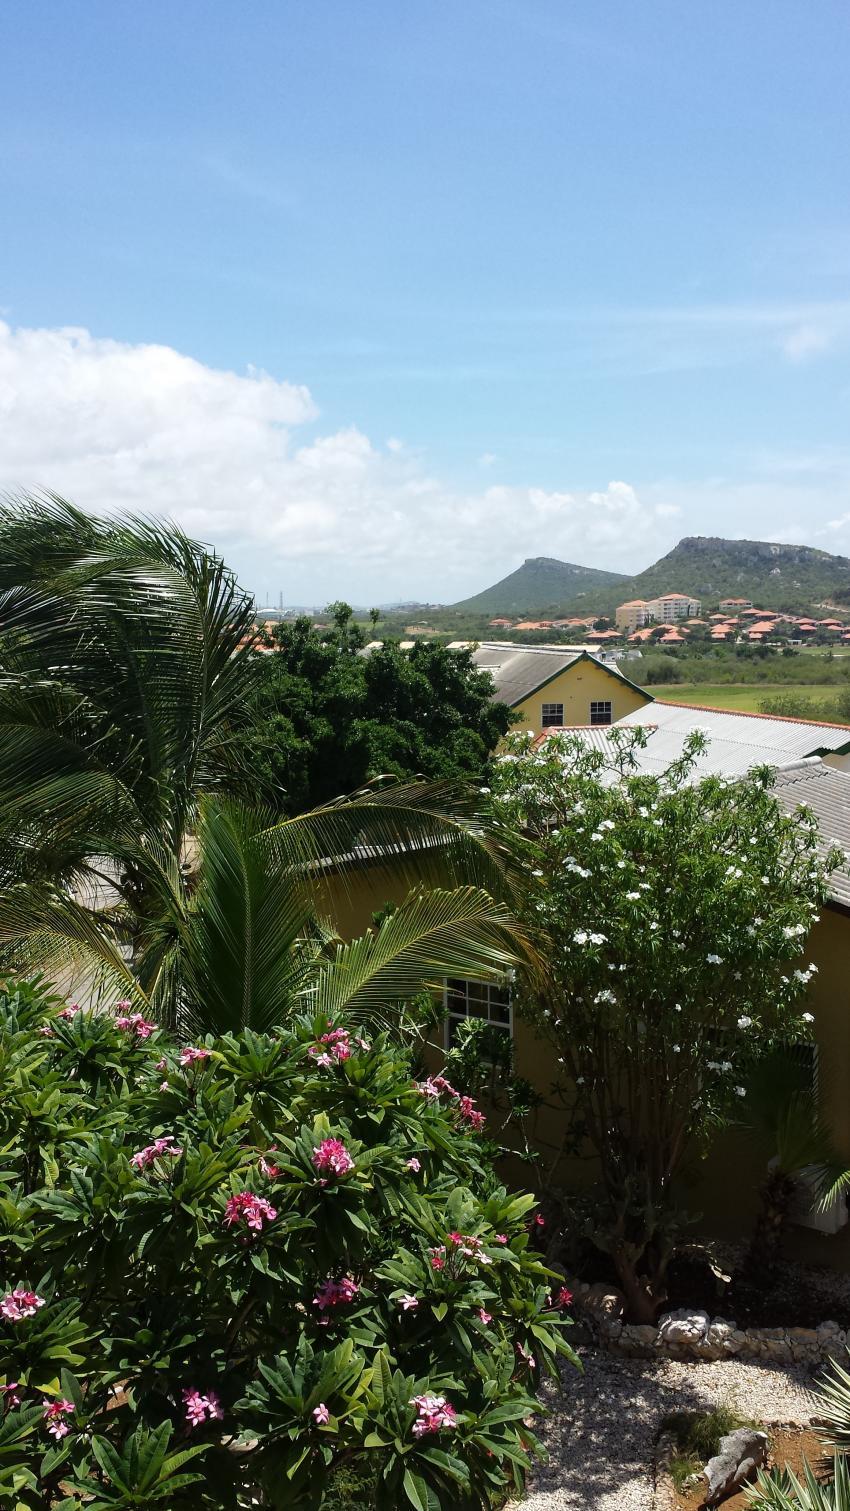 Aussicht auf die Insel 3, Diving Curacao (Kashimiri Apartments), Niederländische Antillen, Curaçao